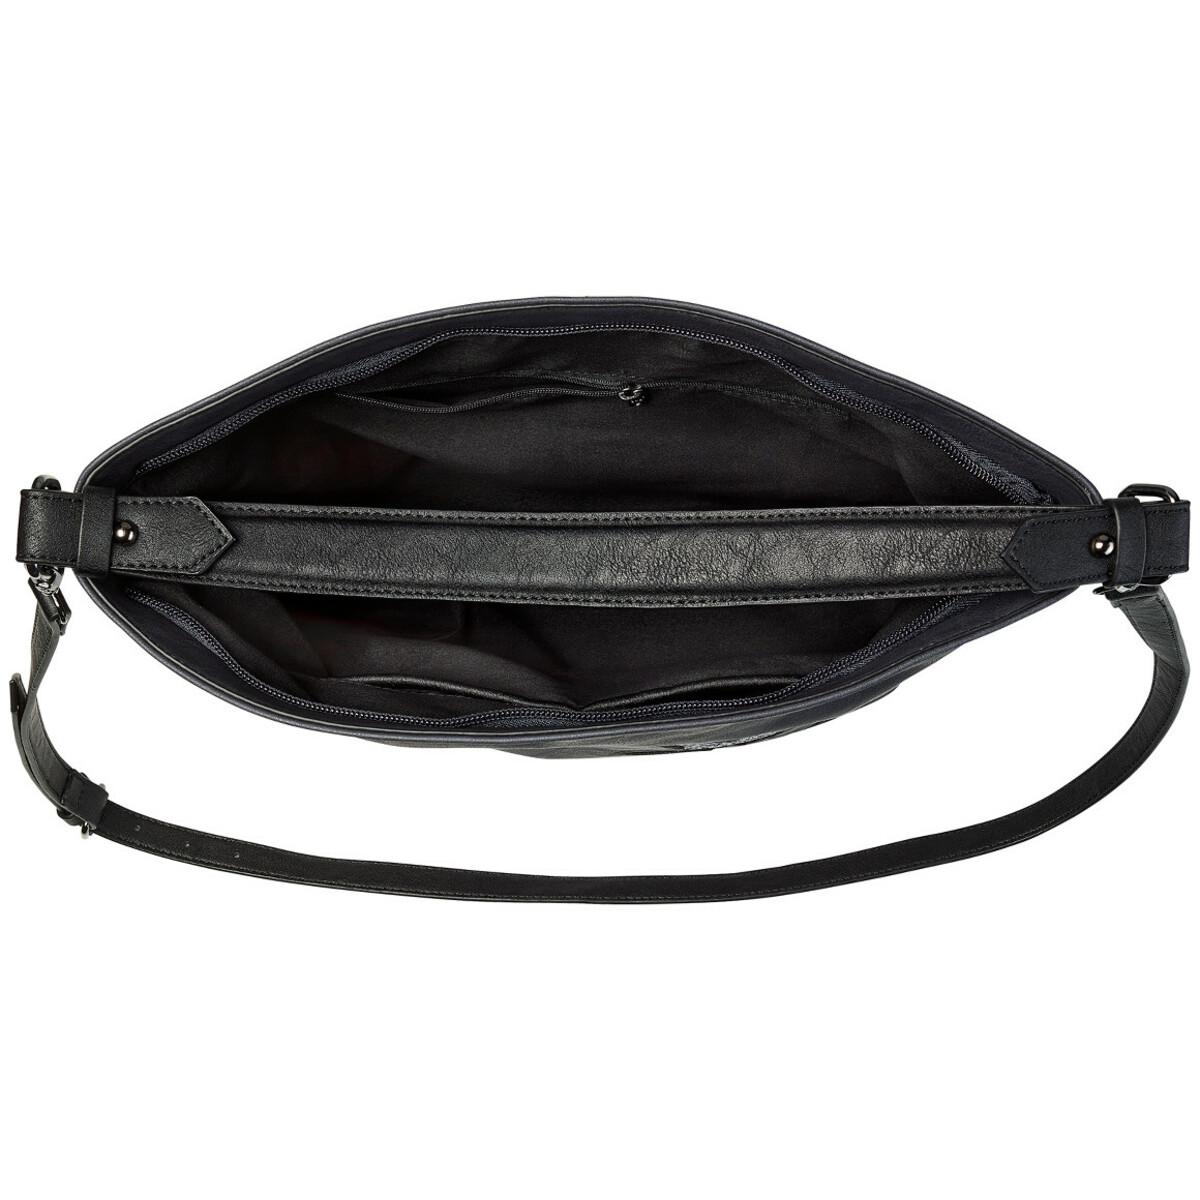 Bild 3 von Damen Tasche mit Stern-Applikation